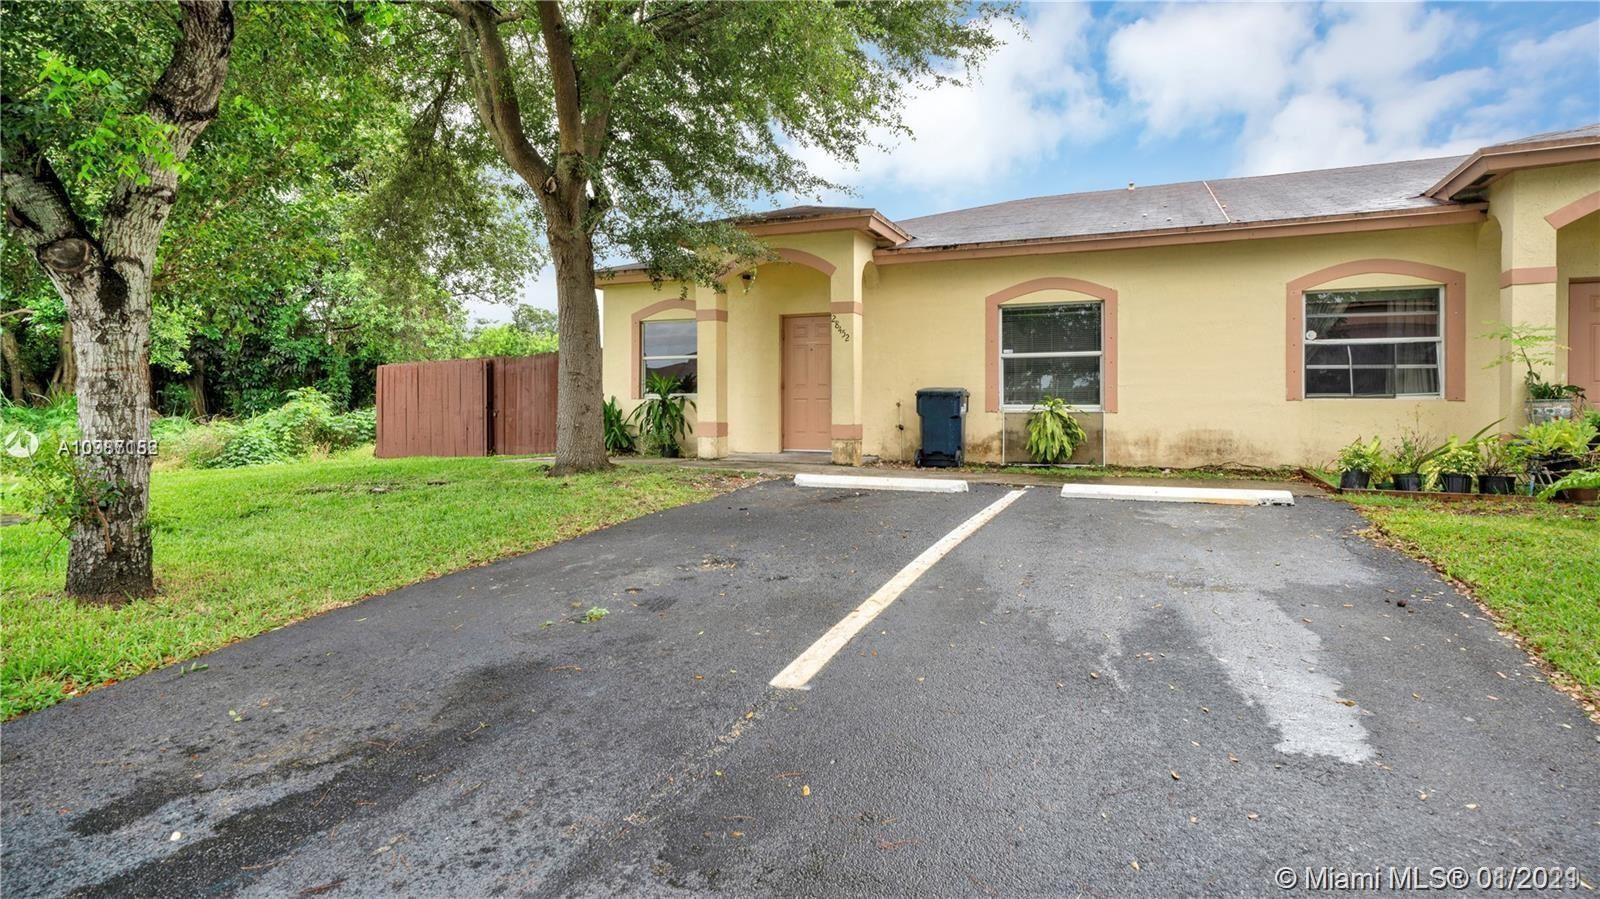 28452 SW 141st Pl, Homestead, FL 33033 - MLS#: A10987152